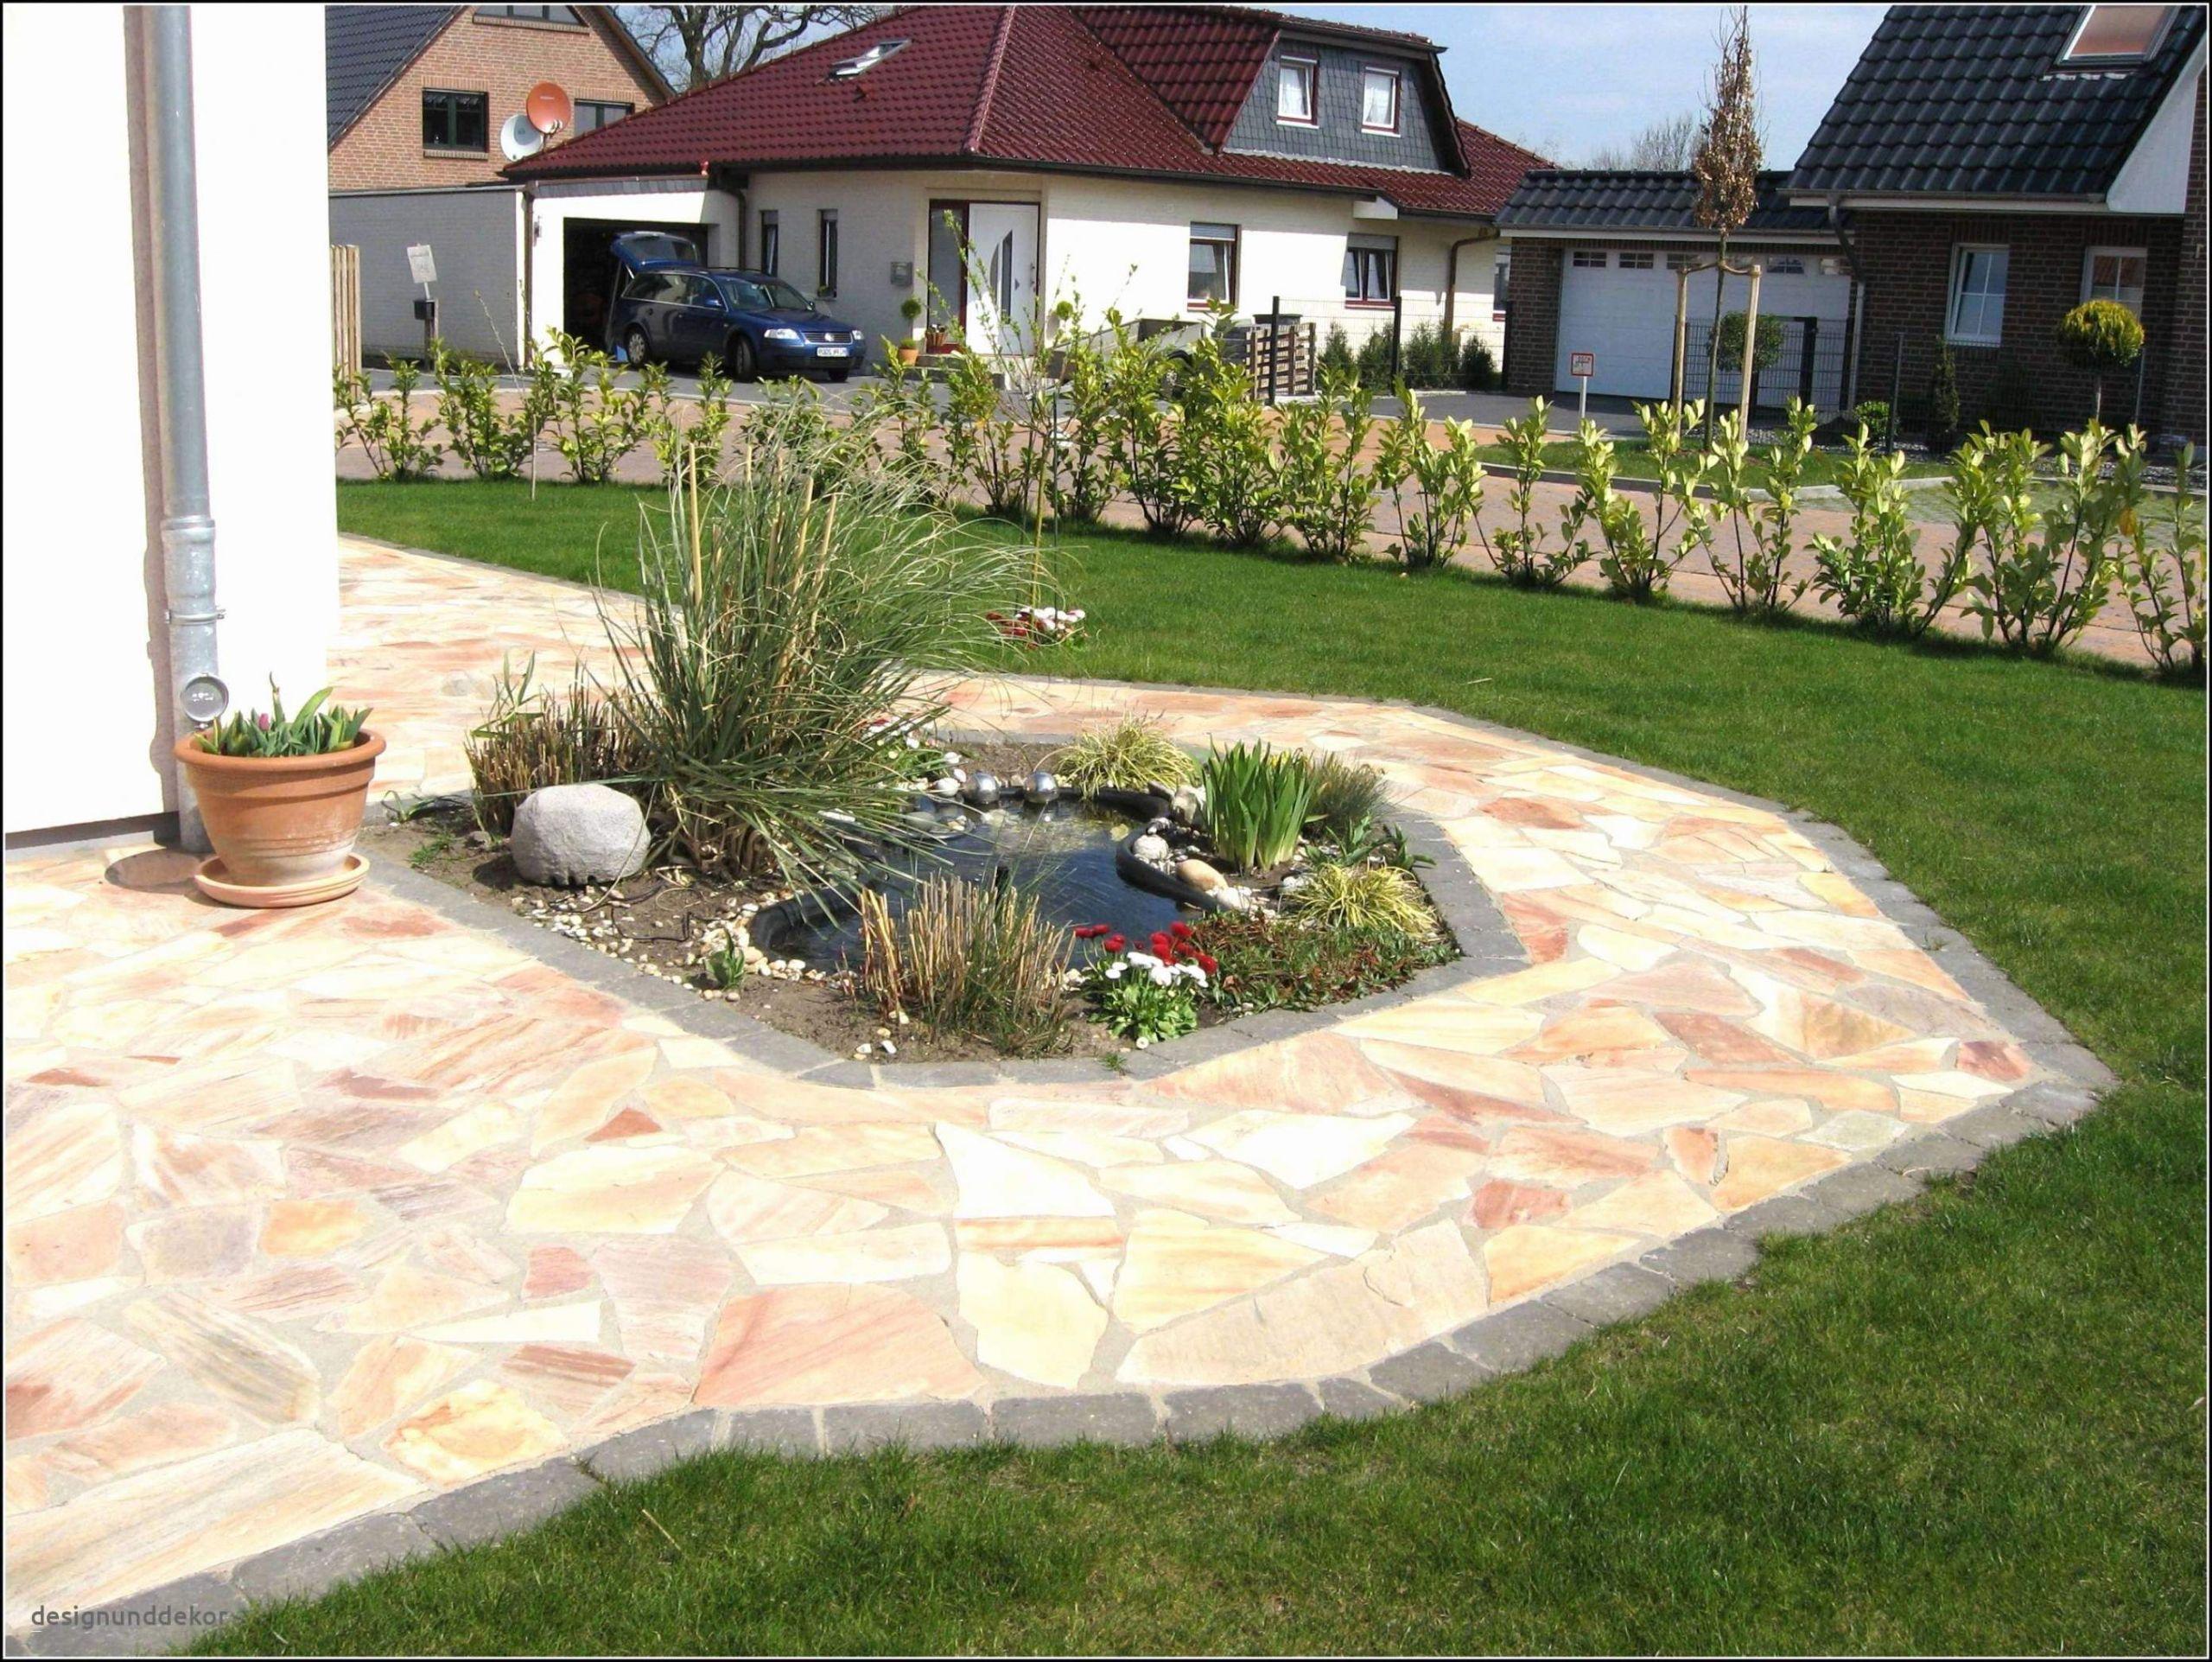 Vorgarten Deko Best Of 38 Inspirierend Garten Hanglage Gestaltung Bilder Das Beste